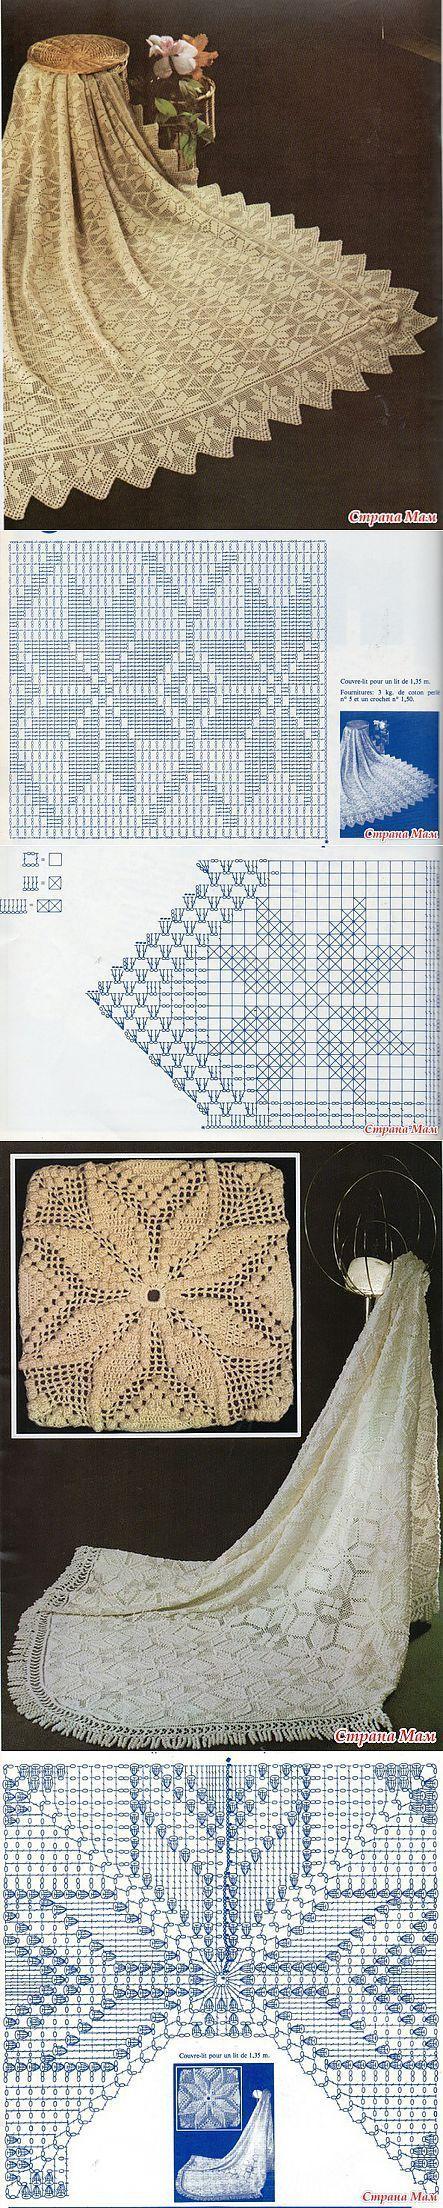 783 besten Deckchen Bilder auf Pinterest | Deckchenhäkelei ...